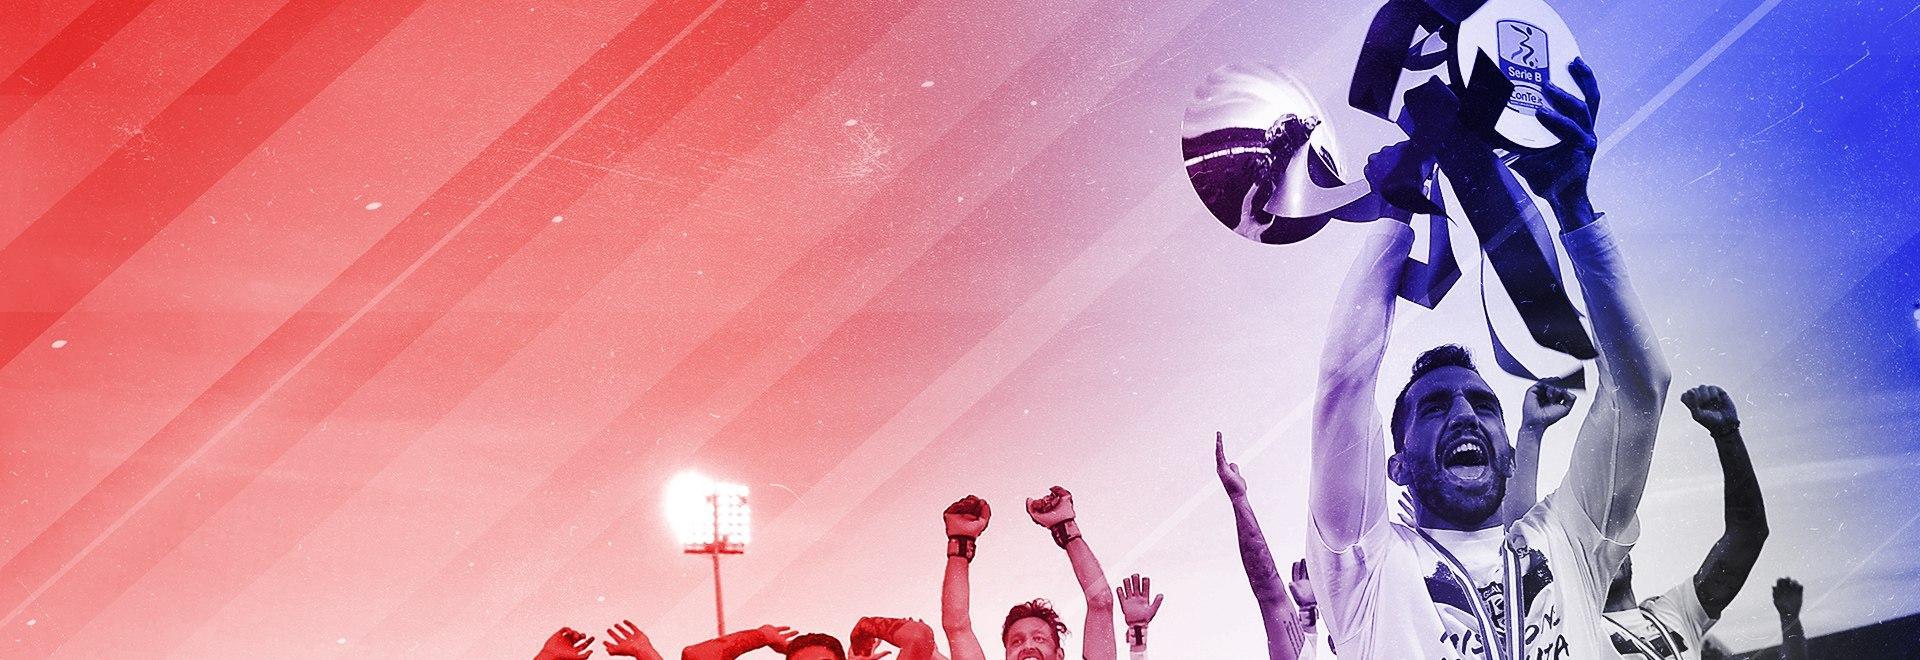 Cagliari in A, una stagione di gol